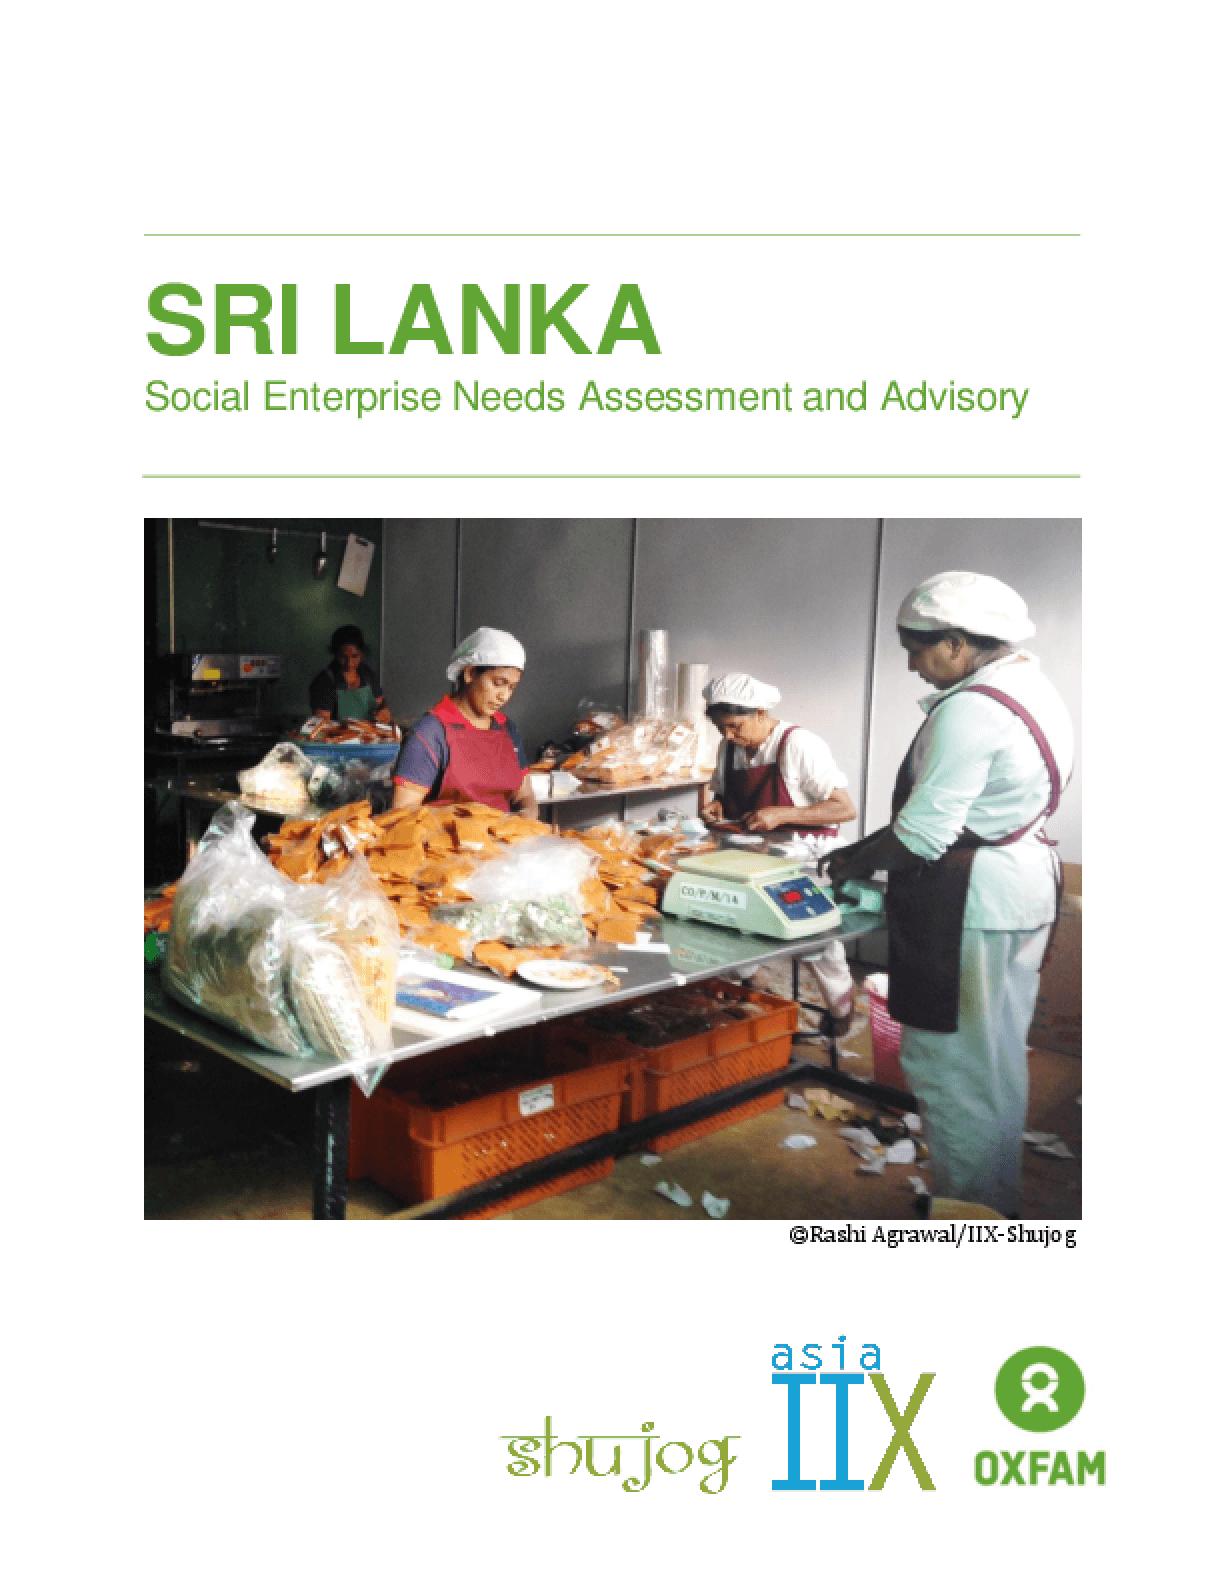 Sri Lanka Social Enterprise Needs Assessment and Advisory